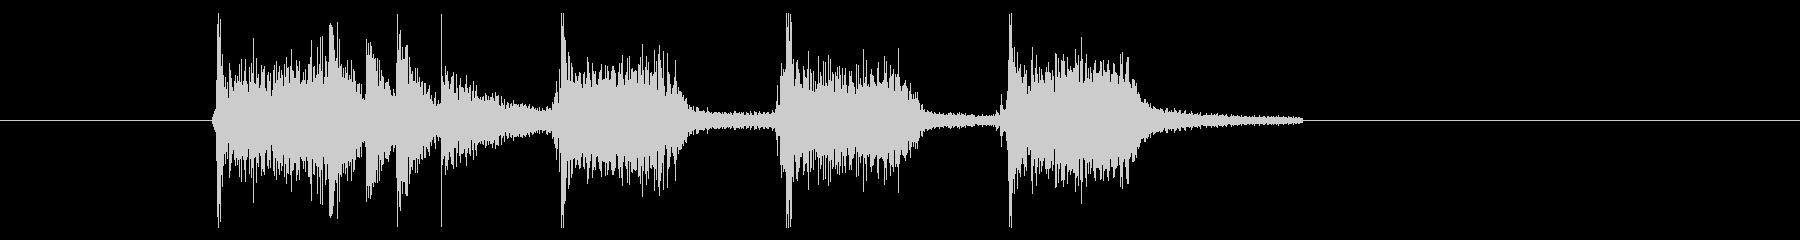 パーカッションが熱いポップロック風BGMの未再生の波形